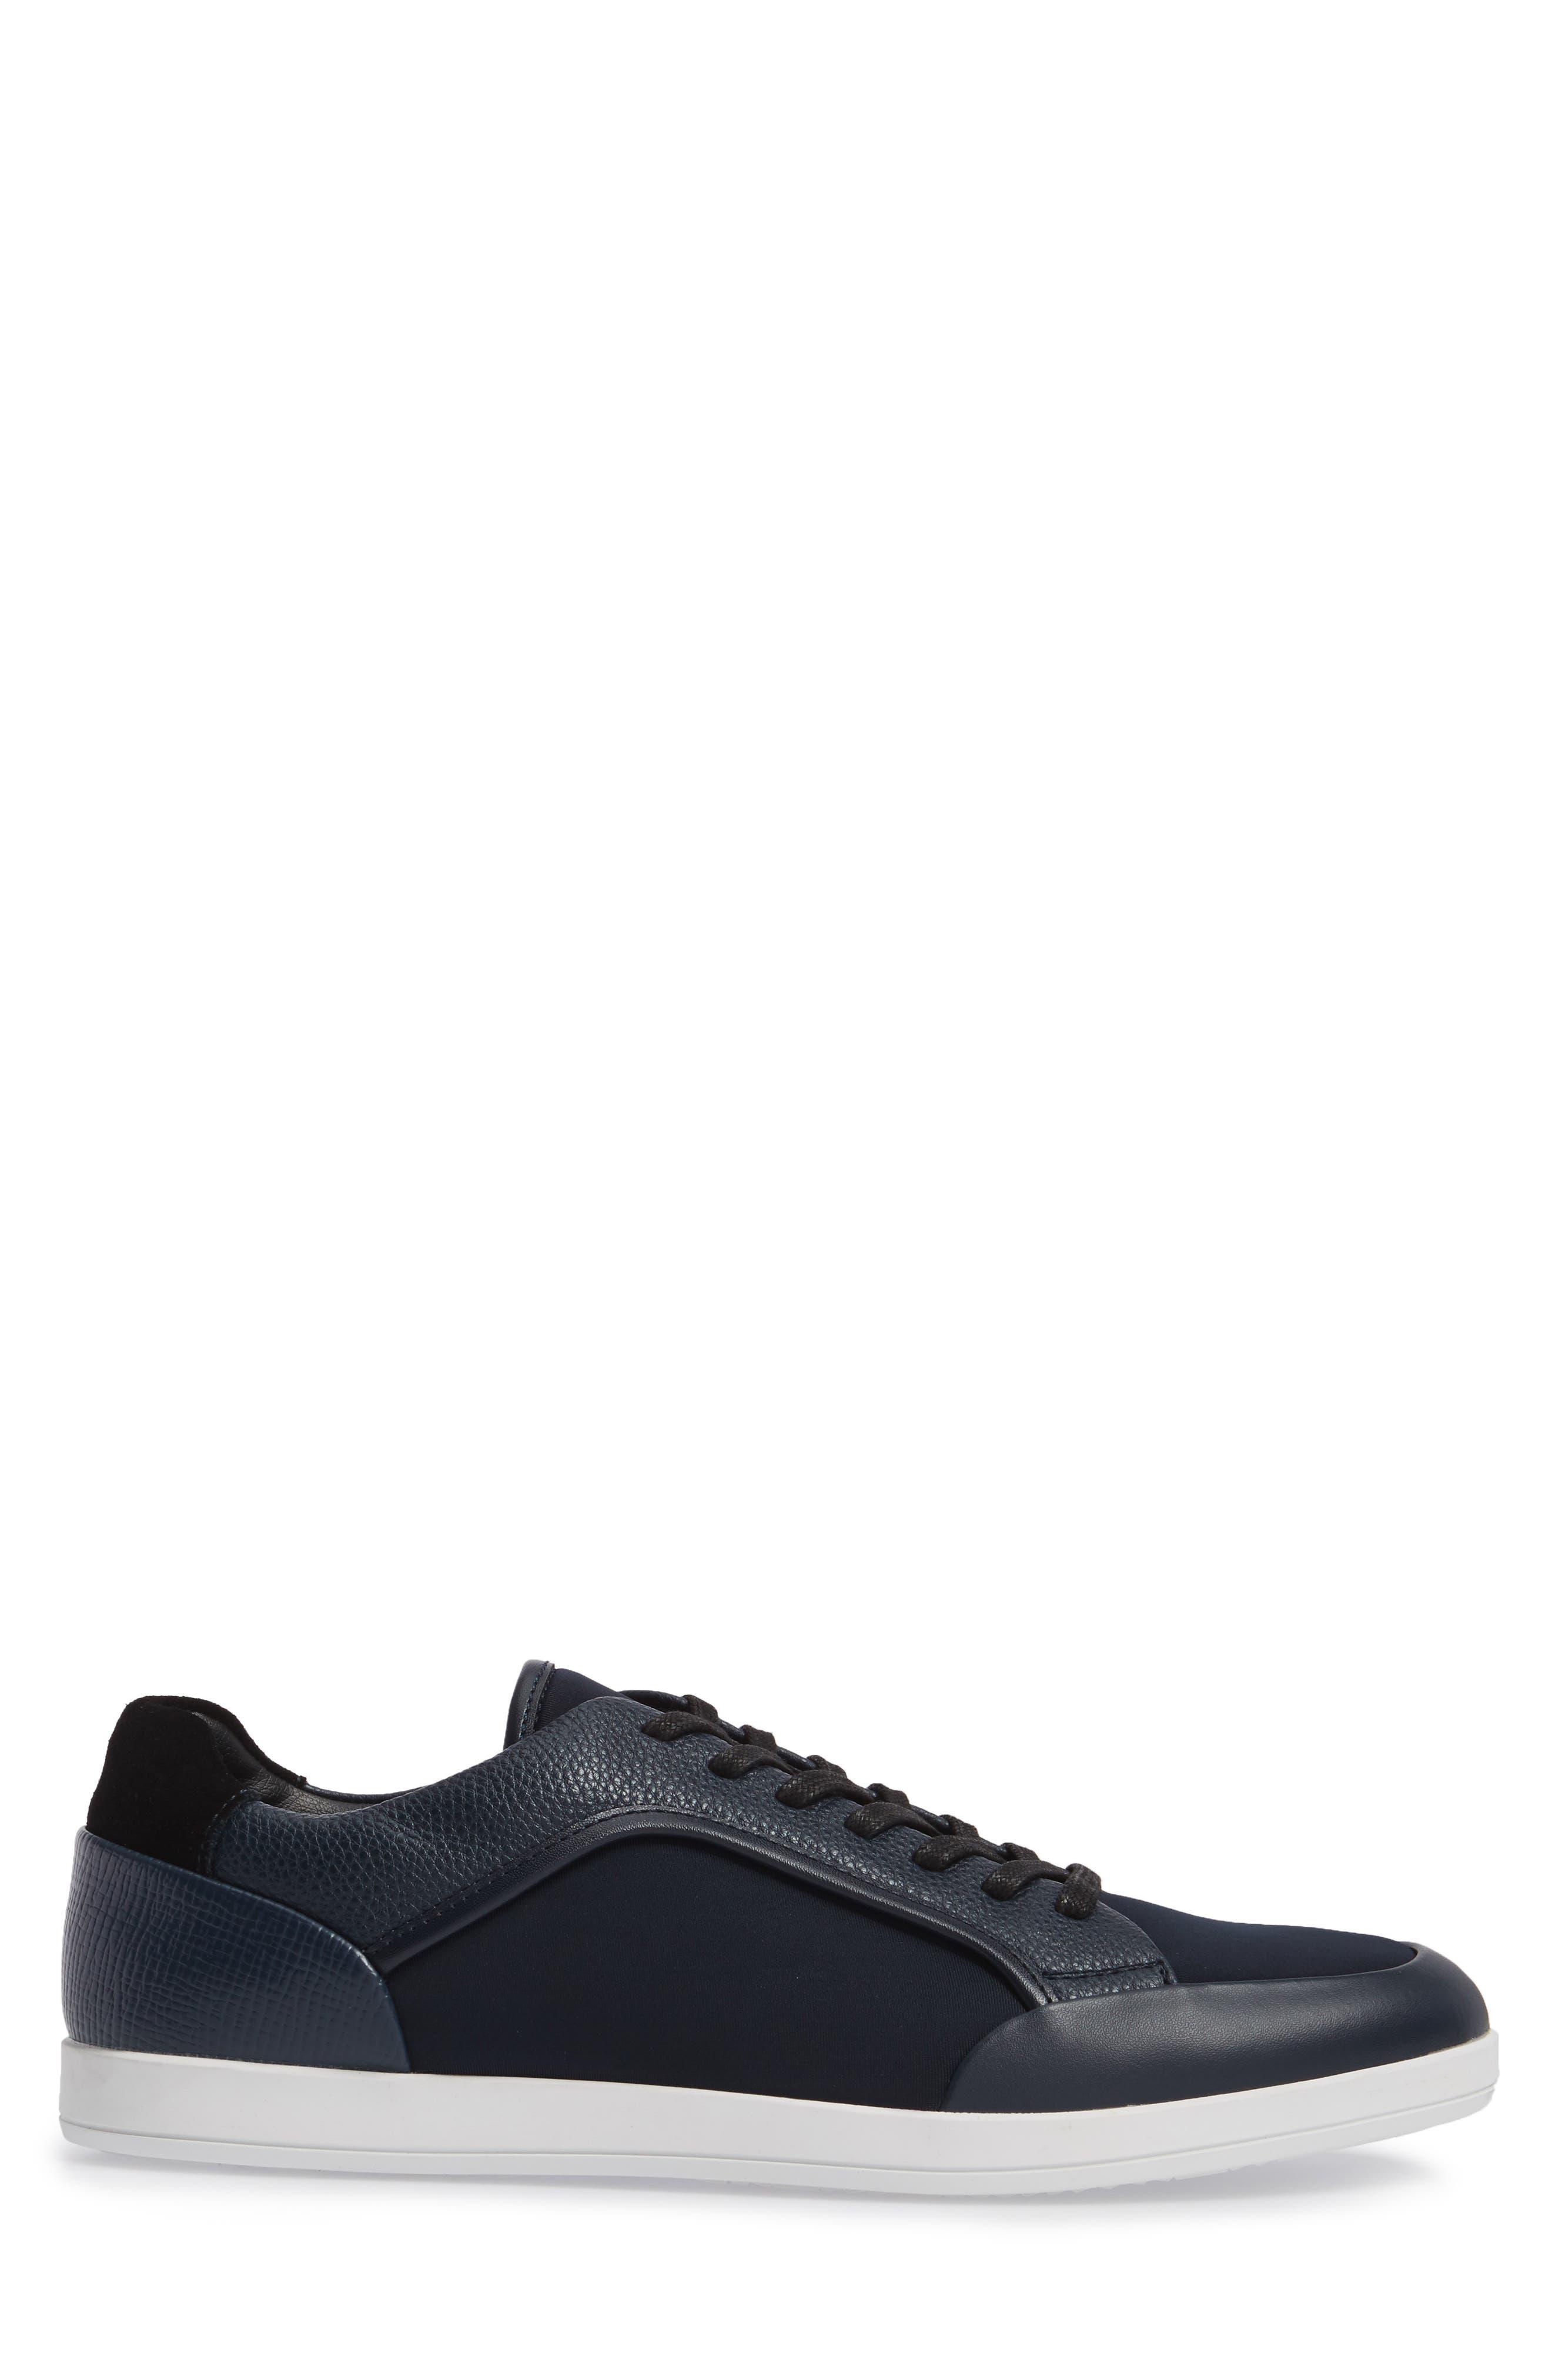 Masen Sneaker,                             Alternate thumbnail 14, color,